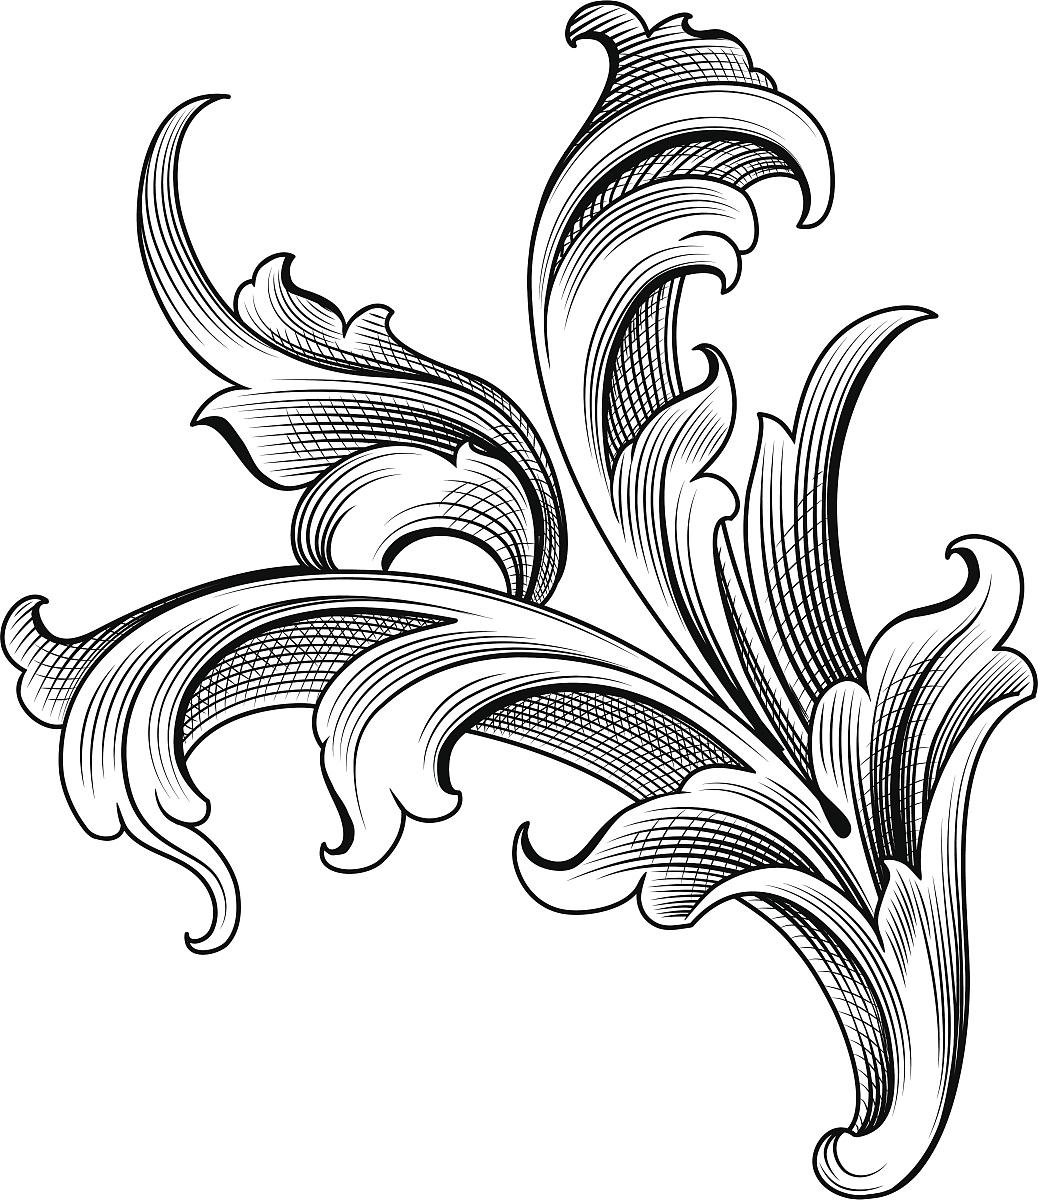 华丽的,雕刻图像,古董,矢量,阿拉伯风格,装饰镜板,花形图案装饰,花体图片